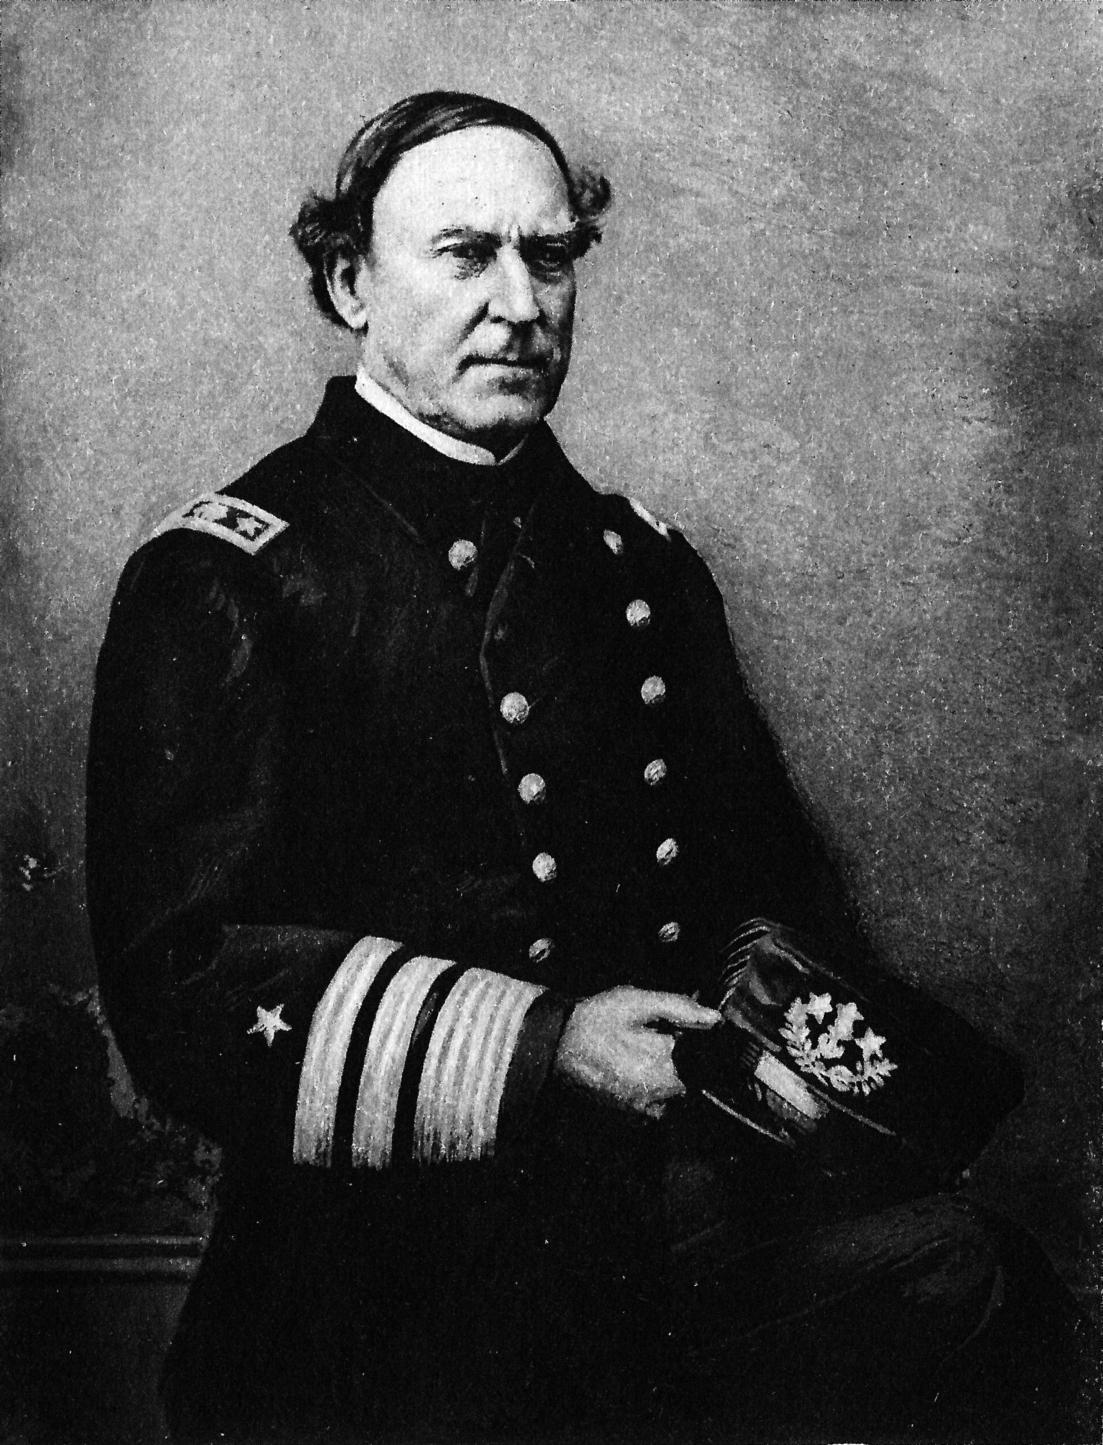 Civil War Navy Sesquicentennial: Even Old News is Good News